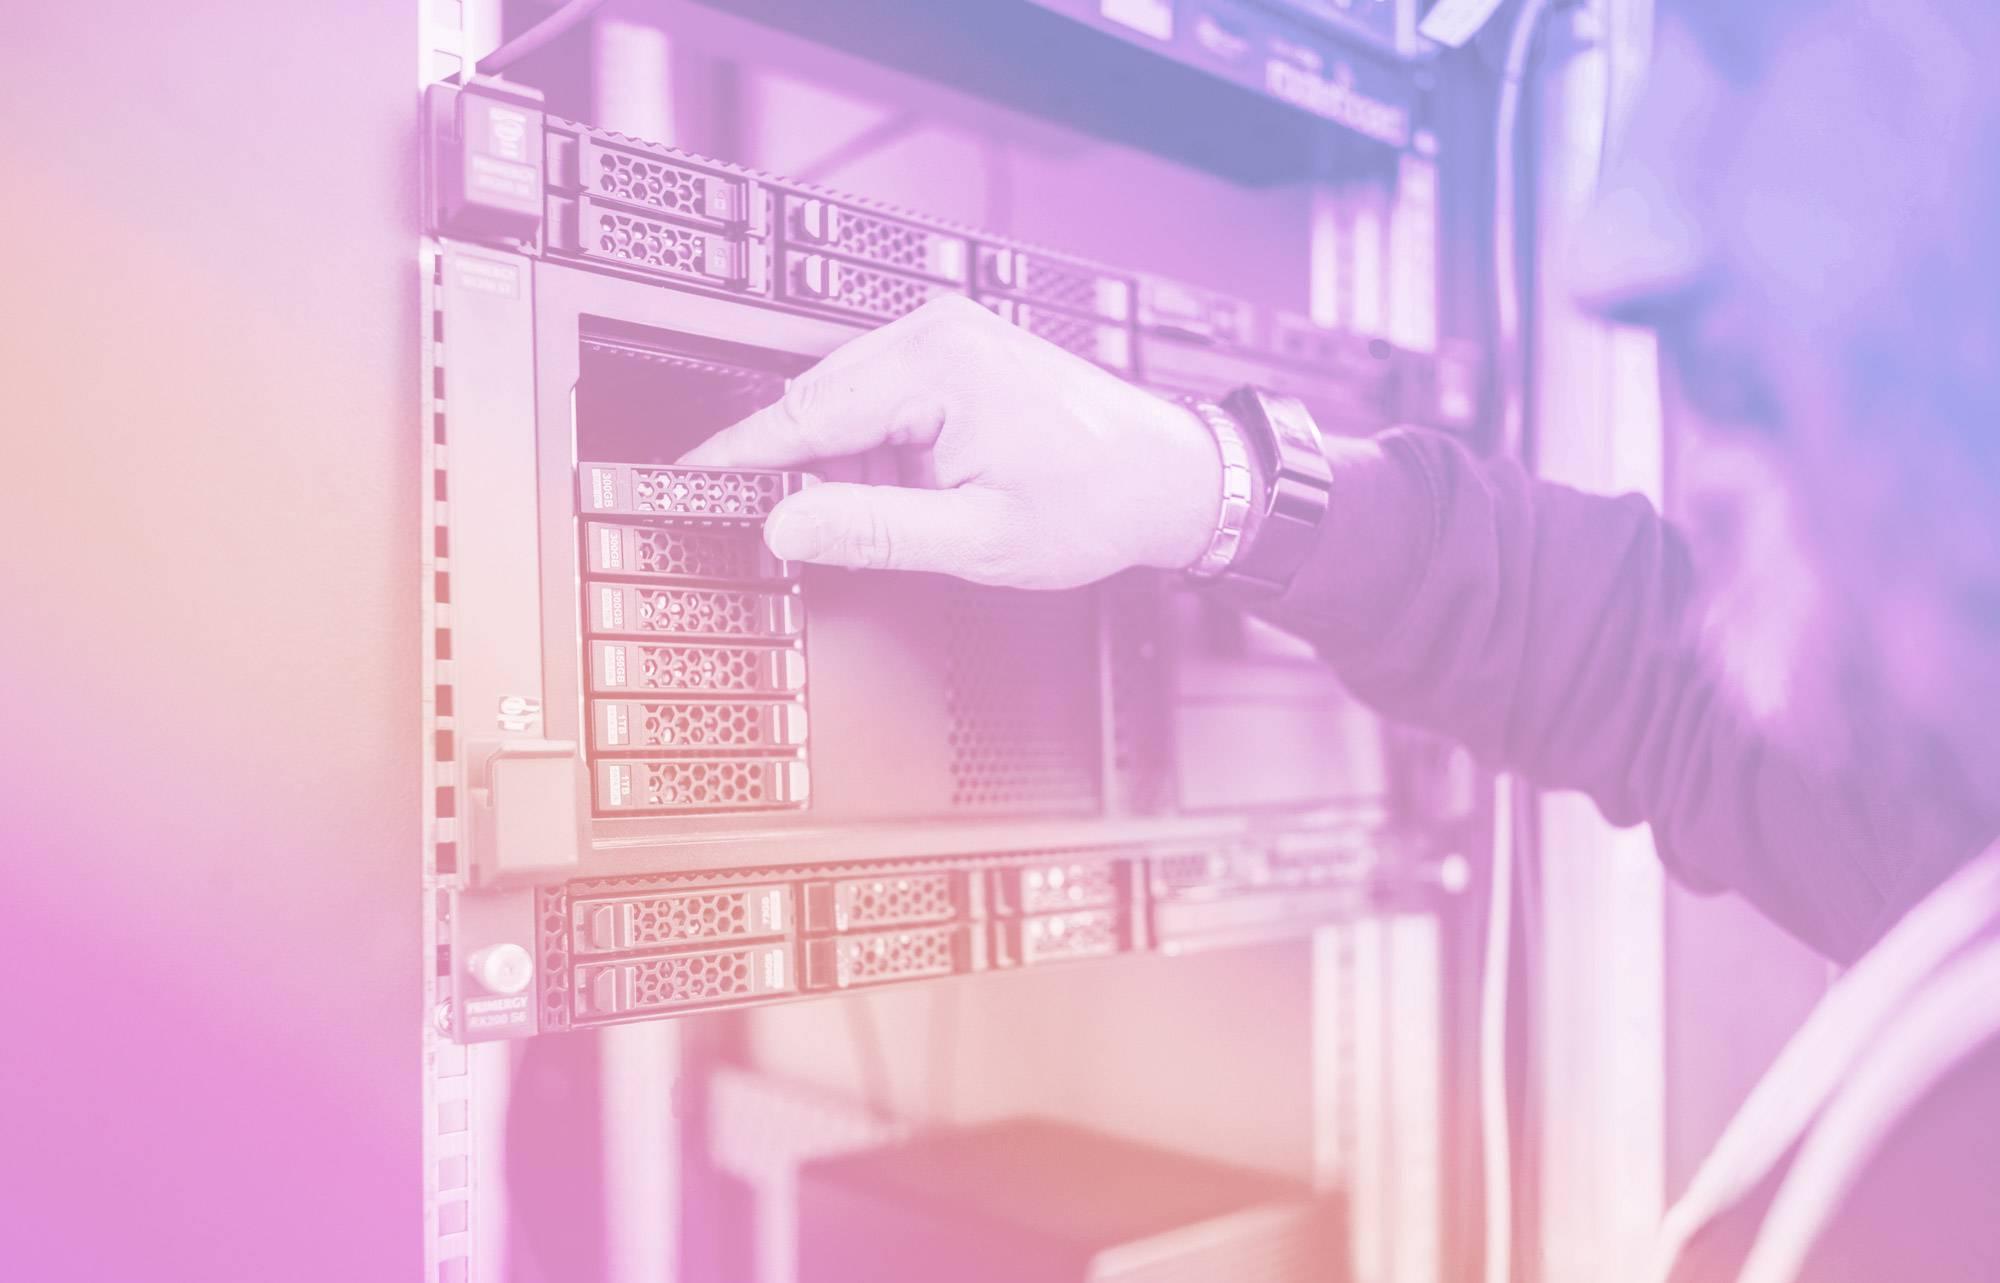 Ci.Erre Ufficio server e sistemi di archiviazione azienda ufficio como lombardia